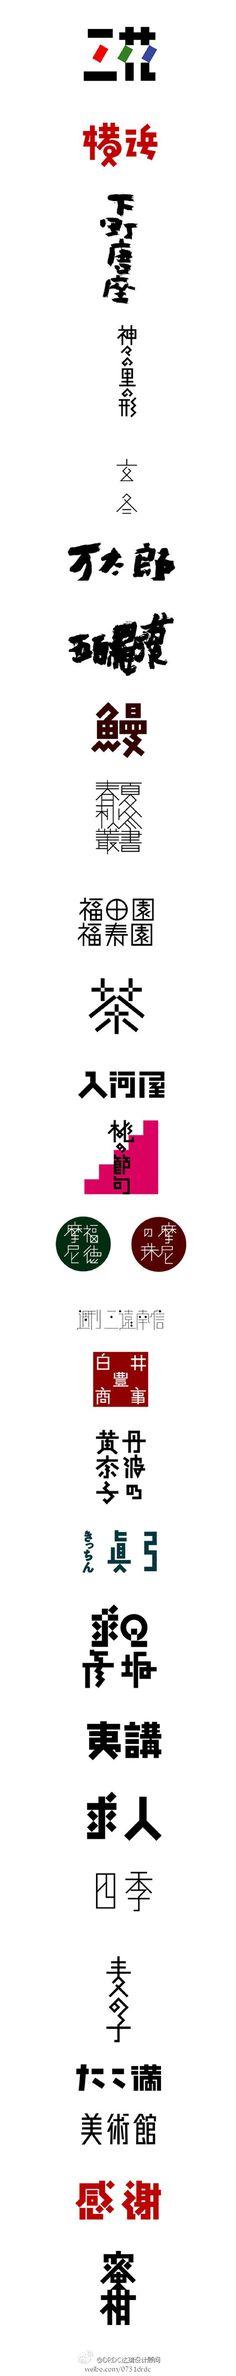 味冈伸太郎的字体设计